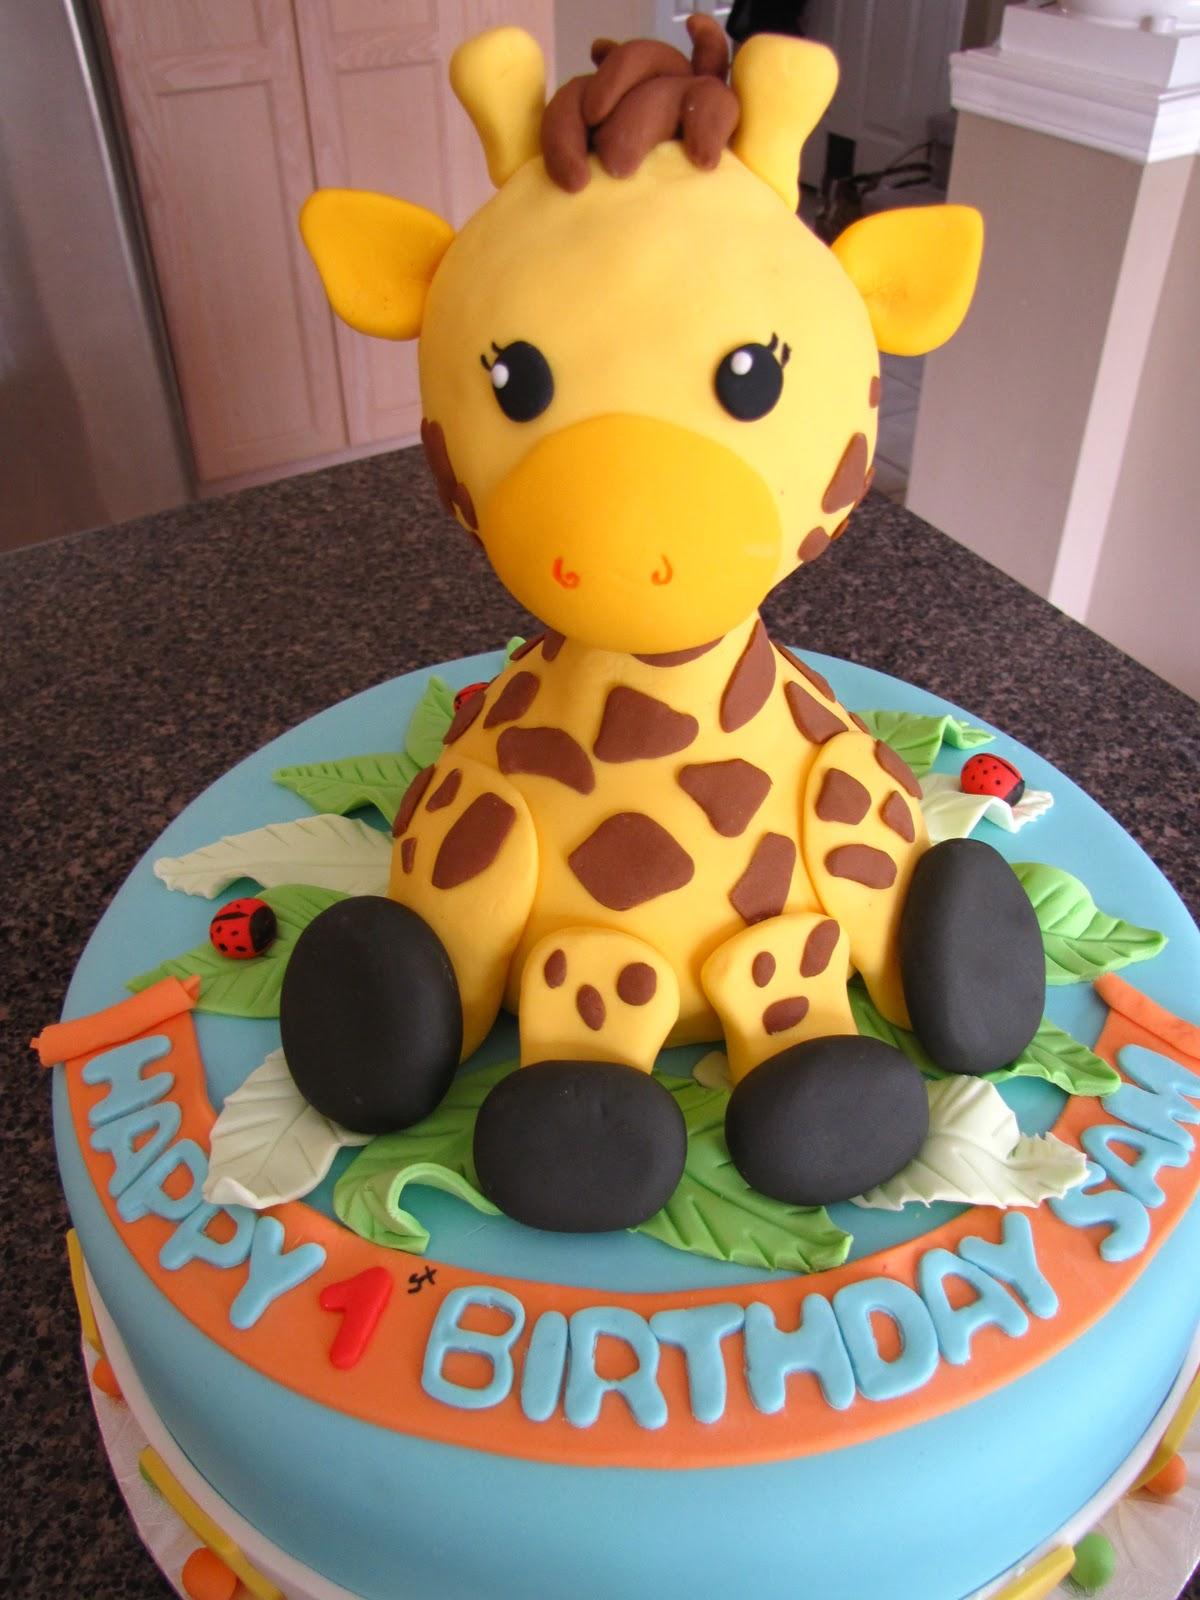 Ann Maries Creative Cakes Giraffe Cake